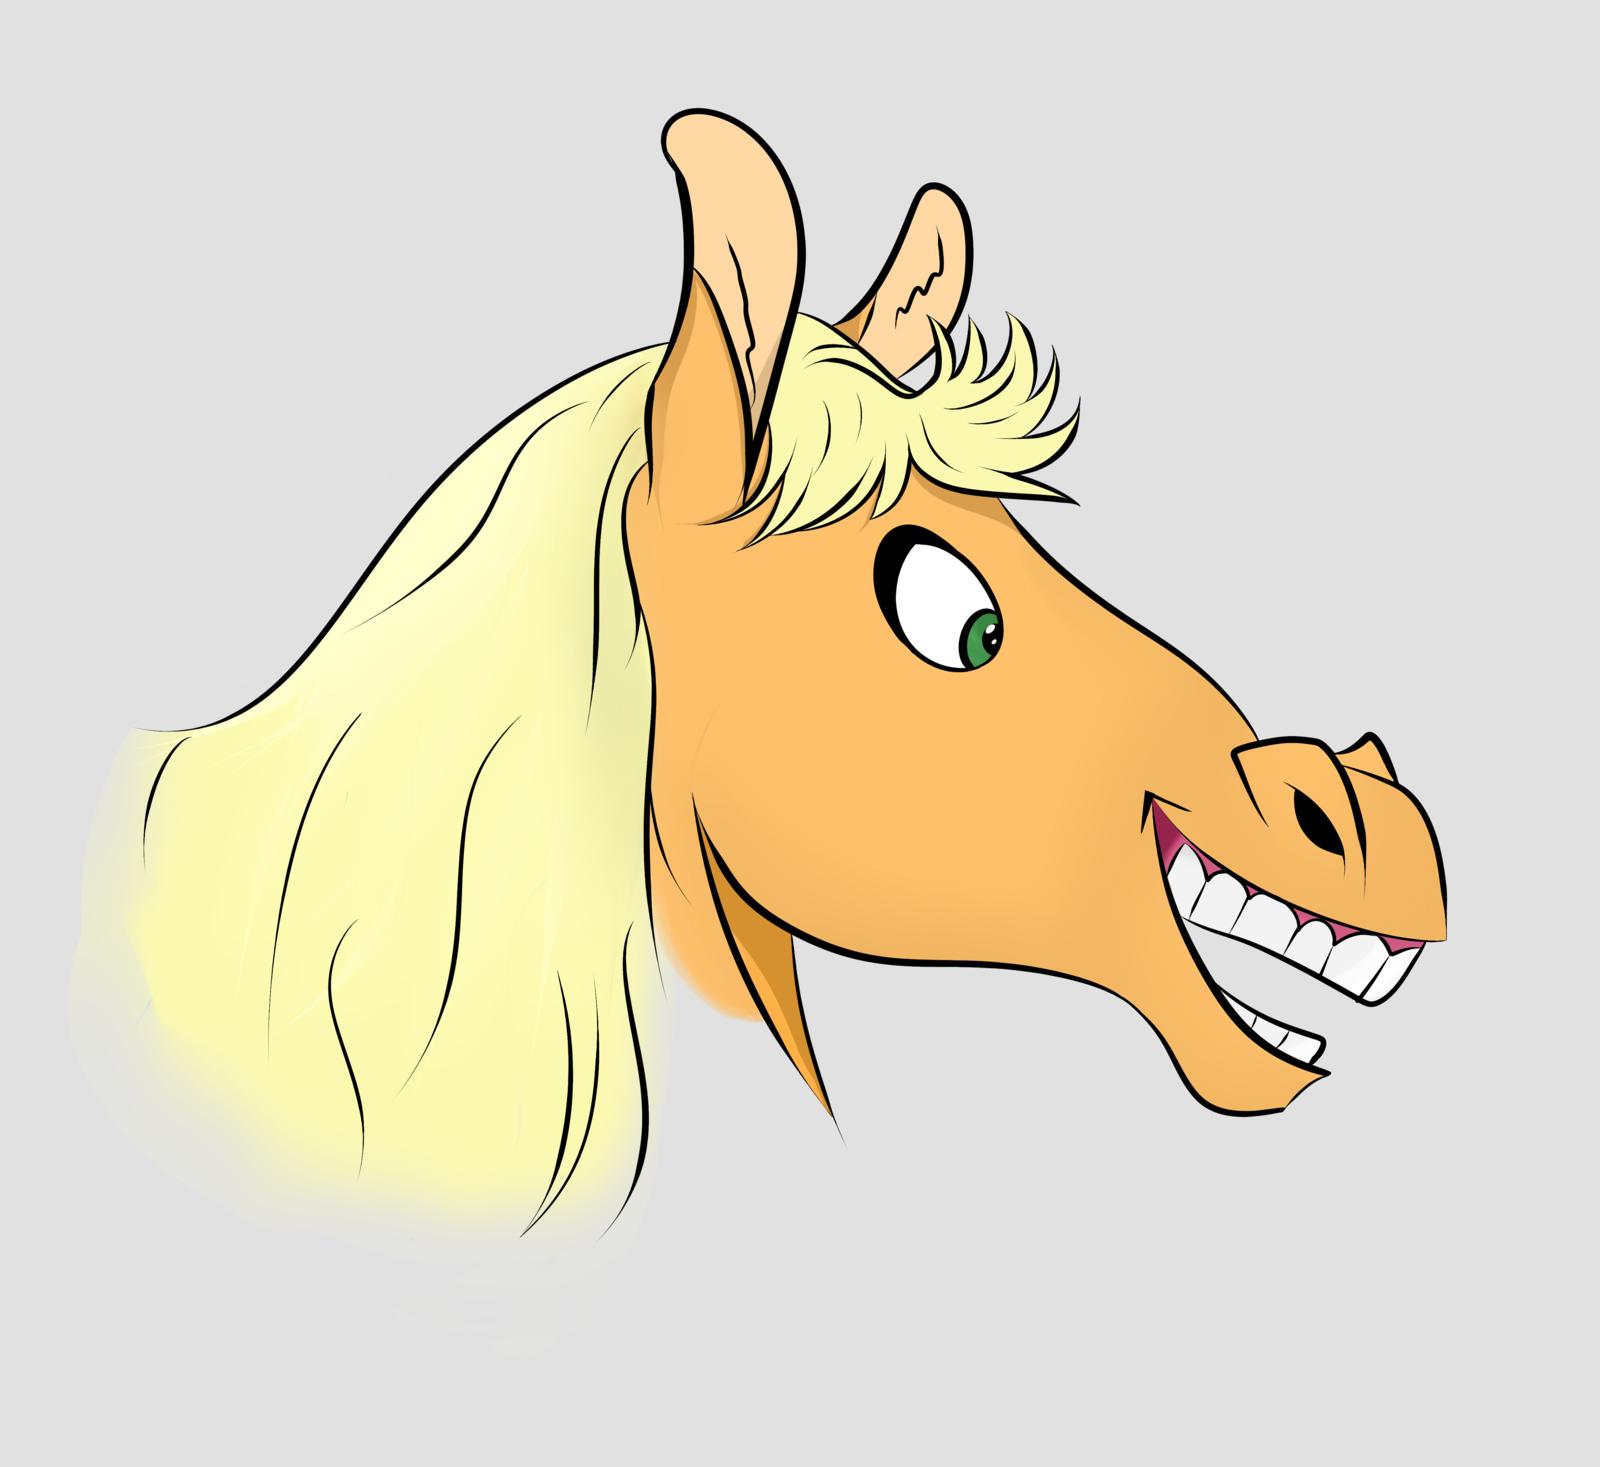 картинка головы коня для вот когда